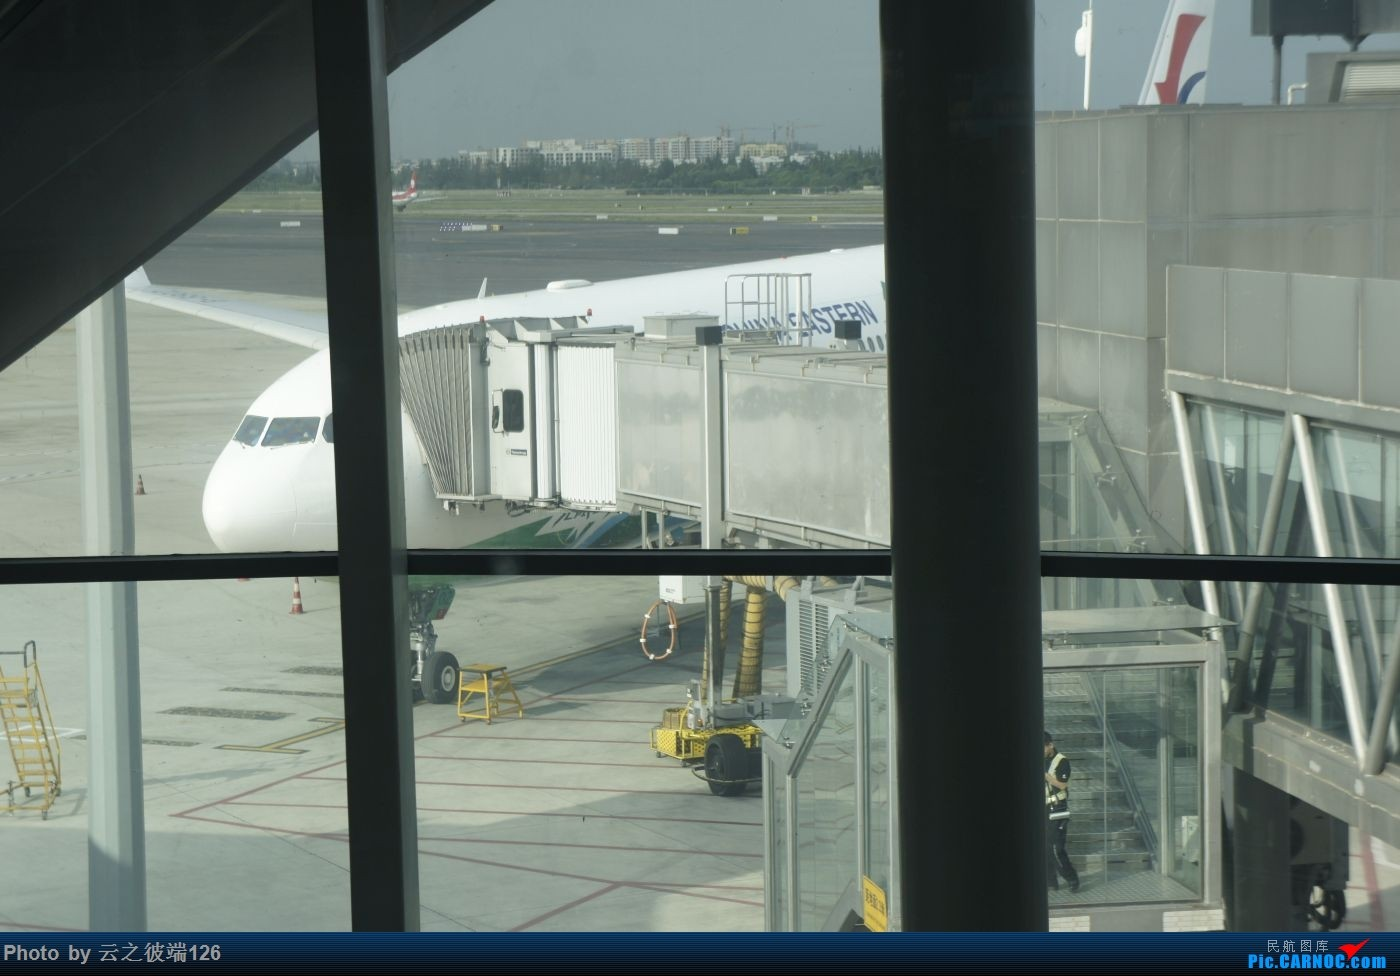 Re:[原创]KHN-CTU-JZH-CTU-NKG造访蜀地,体验世界里程最贵机票,多图 AIRBUS A330-200 B-5902 中国成都双流国际机场